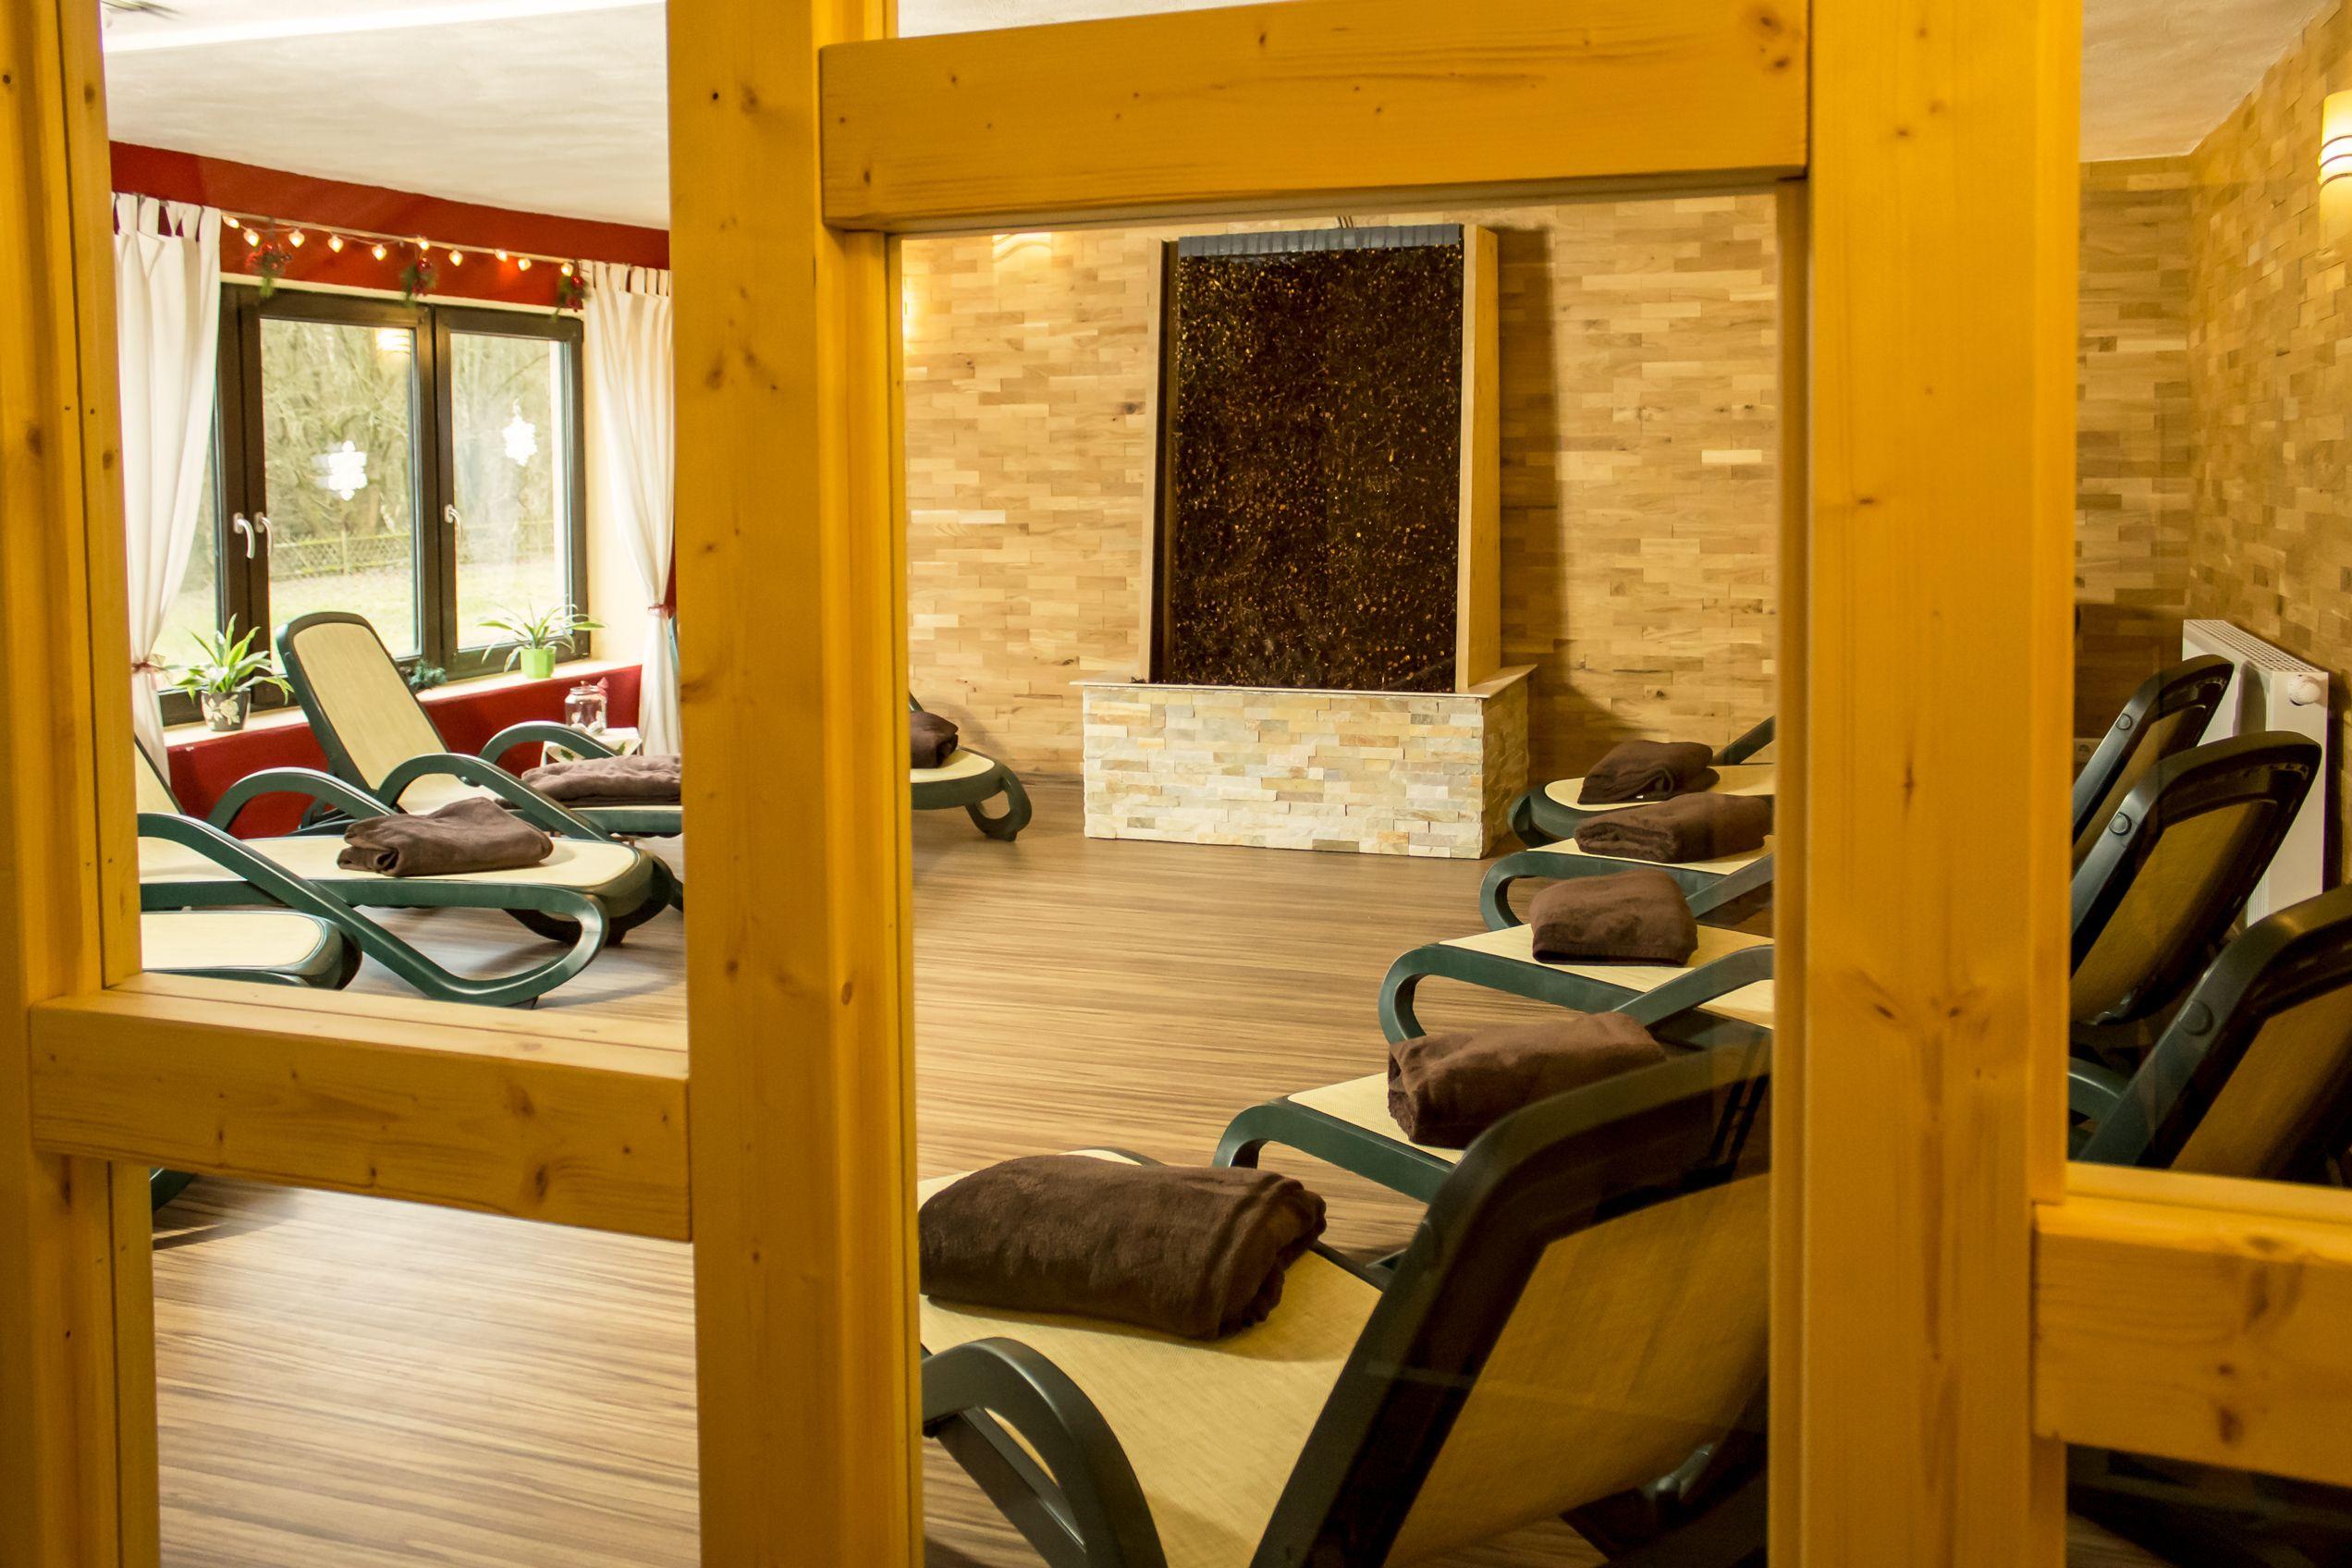 Aktiv Vital Hotel Thuringen Ruheraum Mit Gradierwerk Im Grossen Wellnessbereich Mit Bildern Ruheraum Thuringen